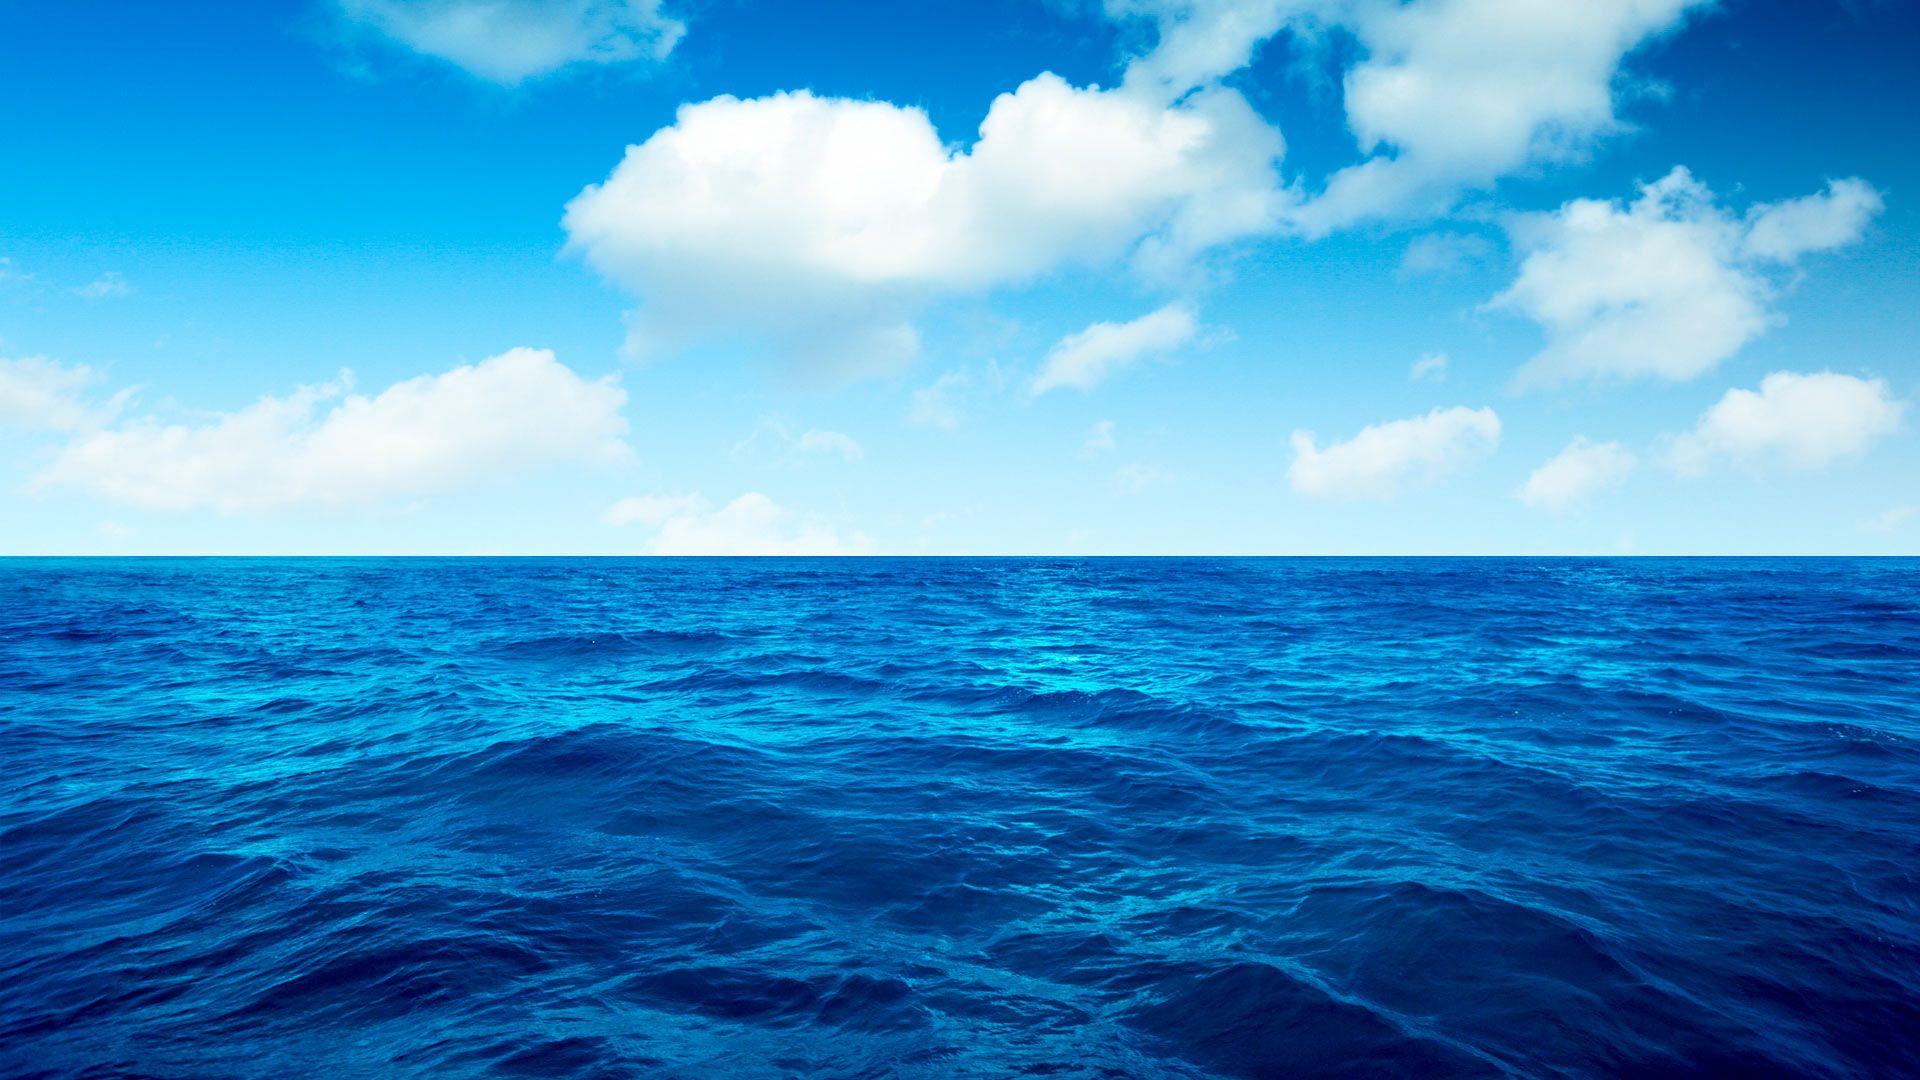 Картинки в синем цвете море, открыток тиснением золотом